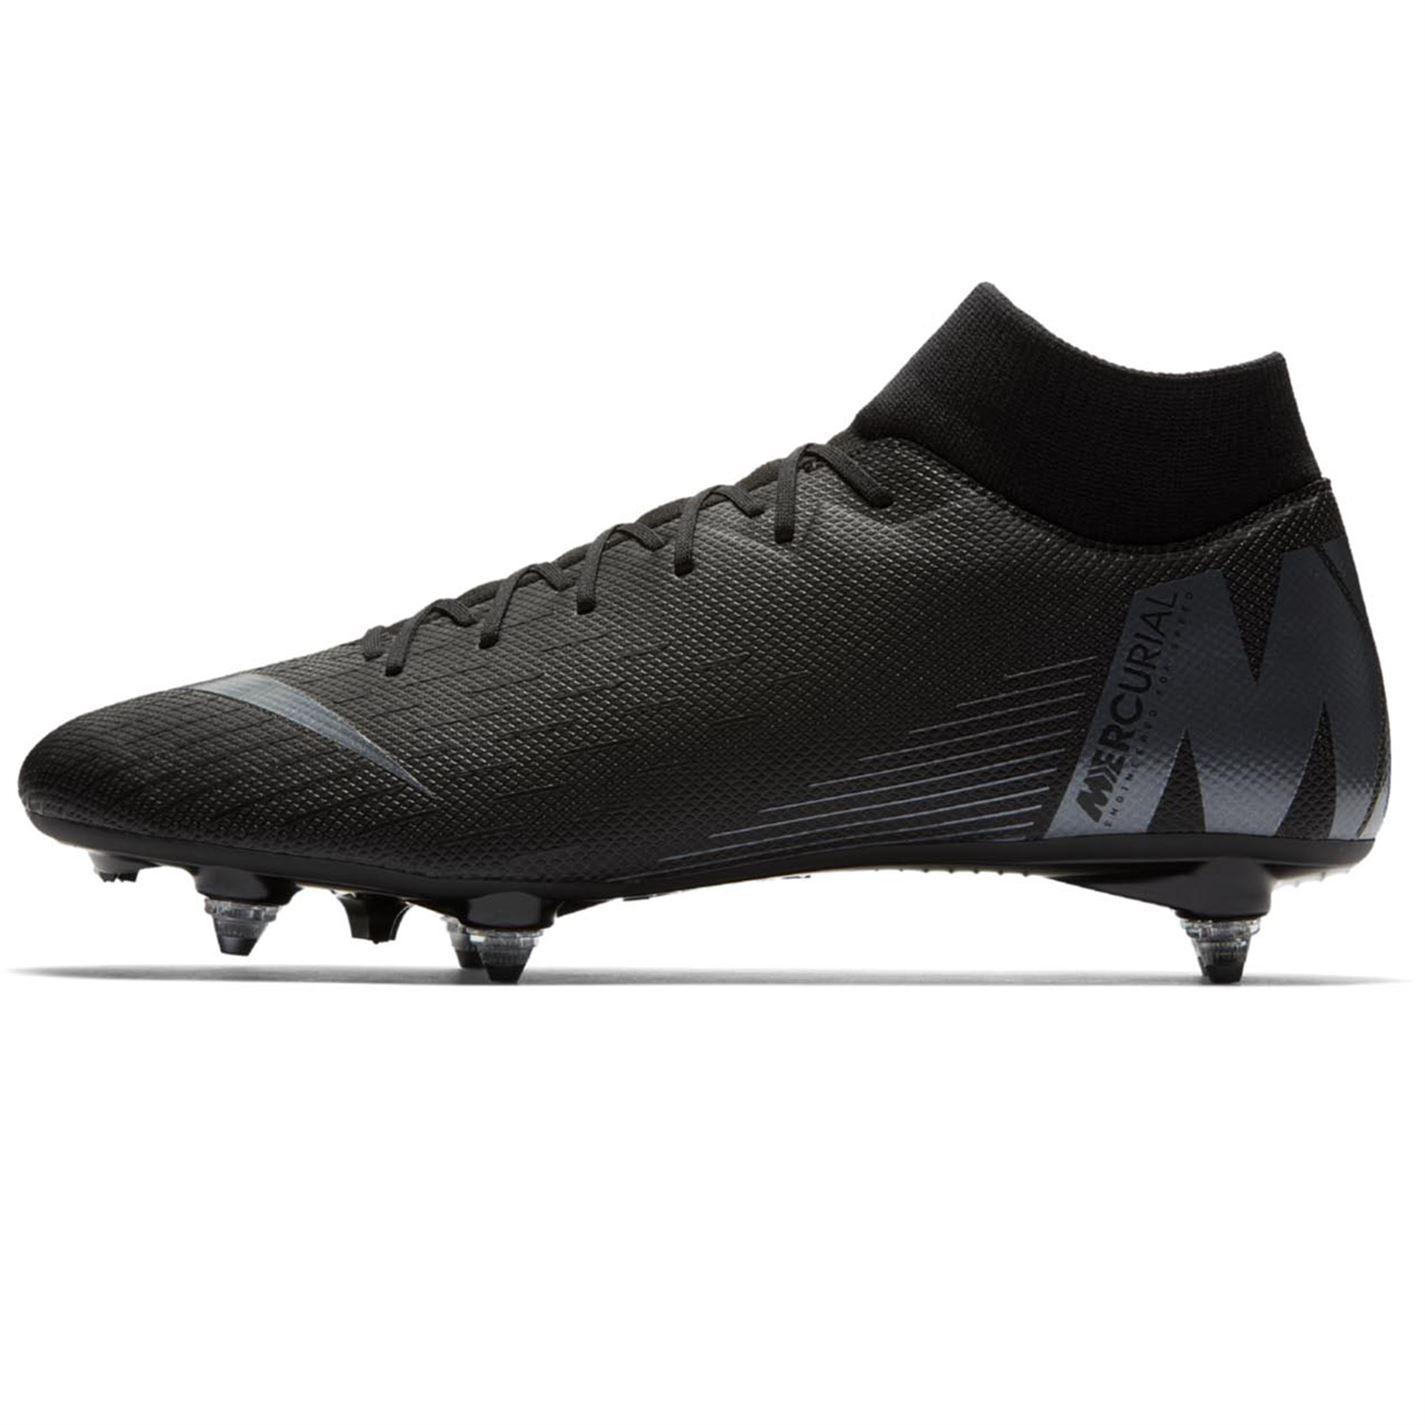 Zapatos de fútbol Nike Mercurial Superfly VI de la Academia de la SG Pro